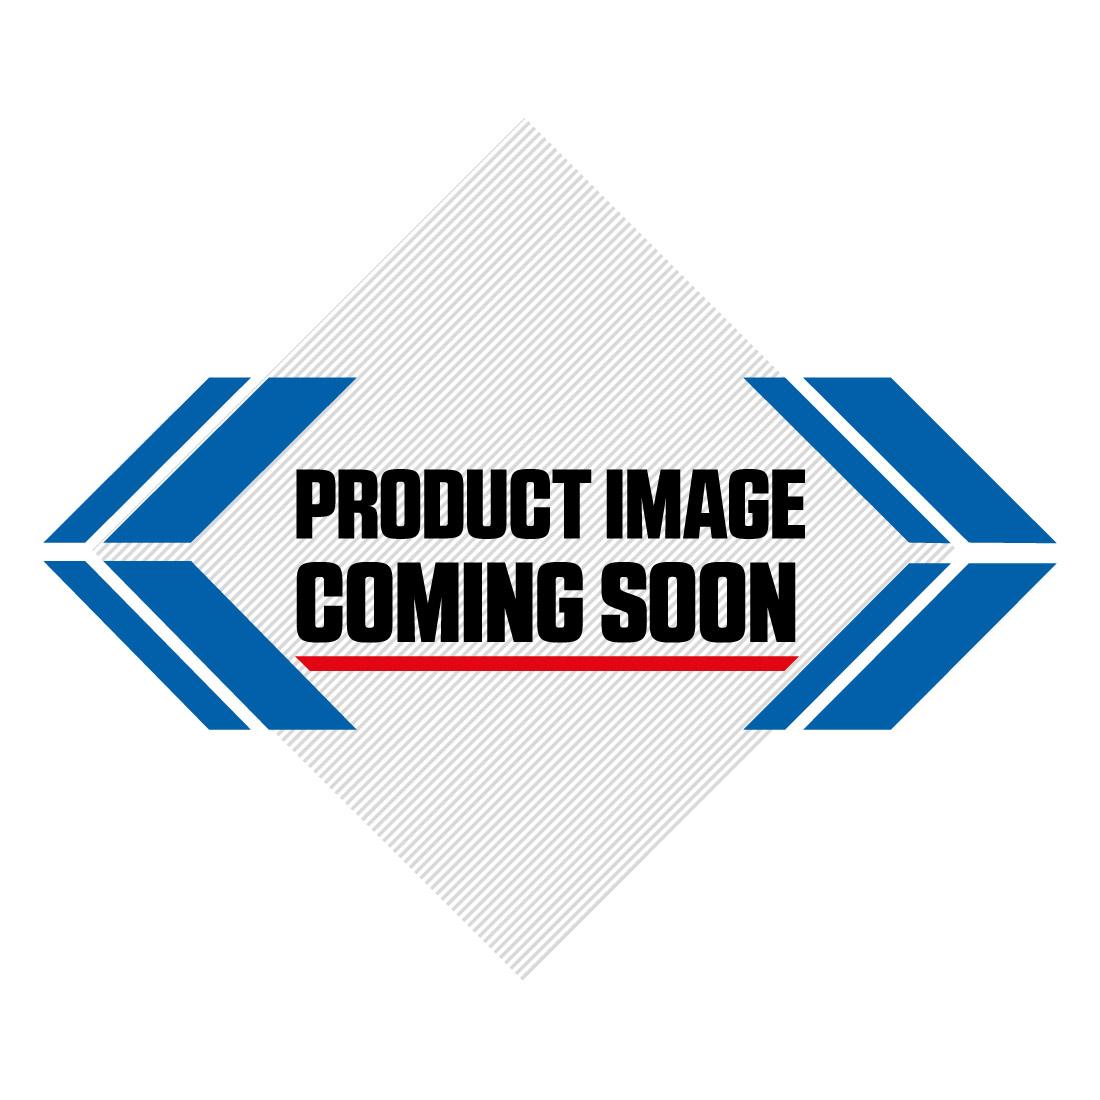 Husqvarna Plastic Kit OEM Factory (09-10) Image-1>